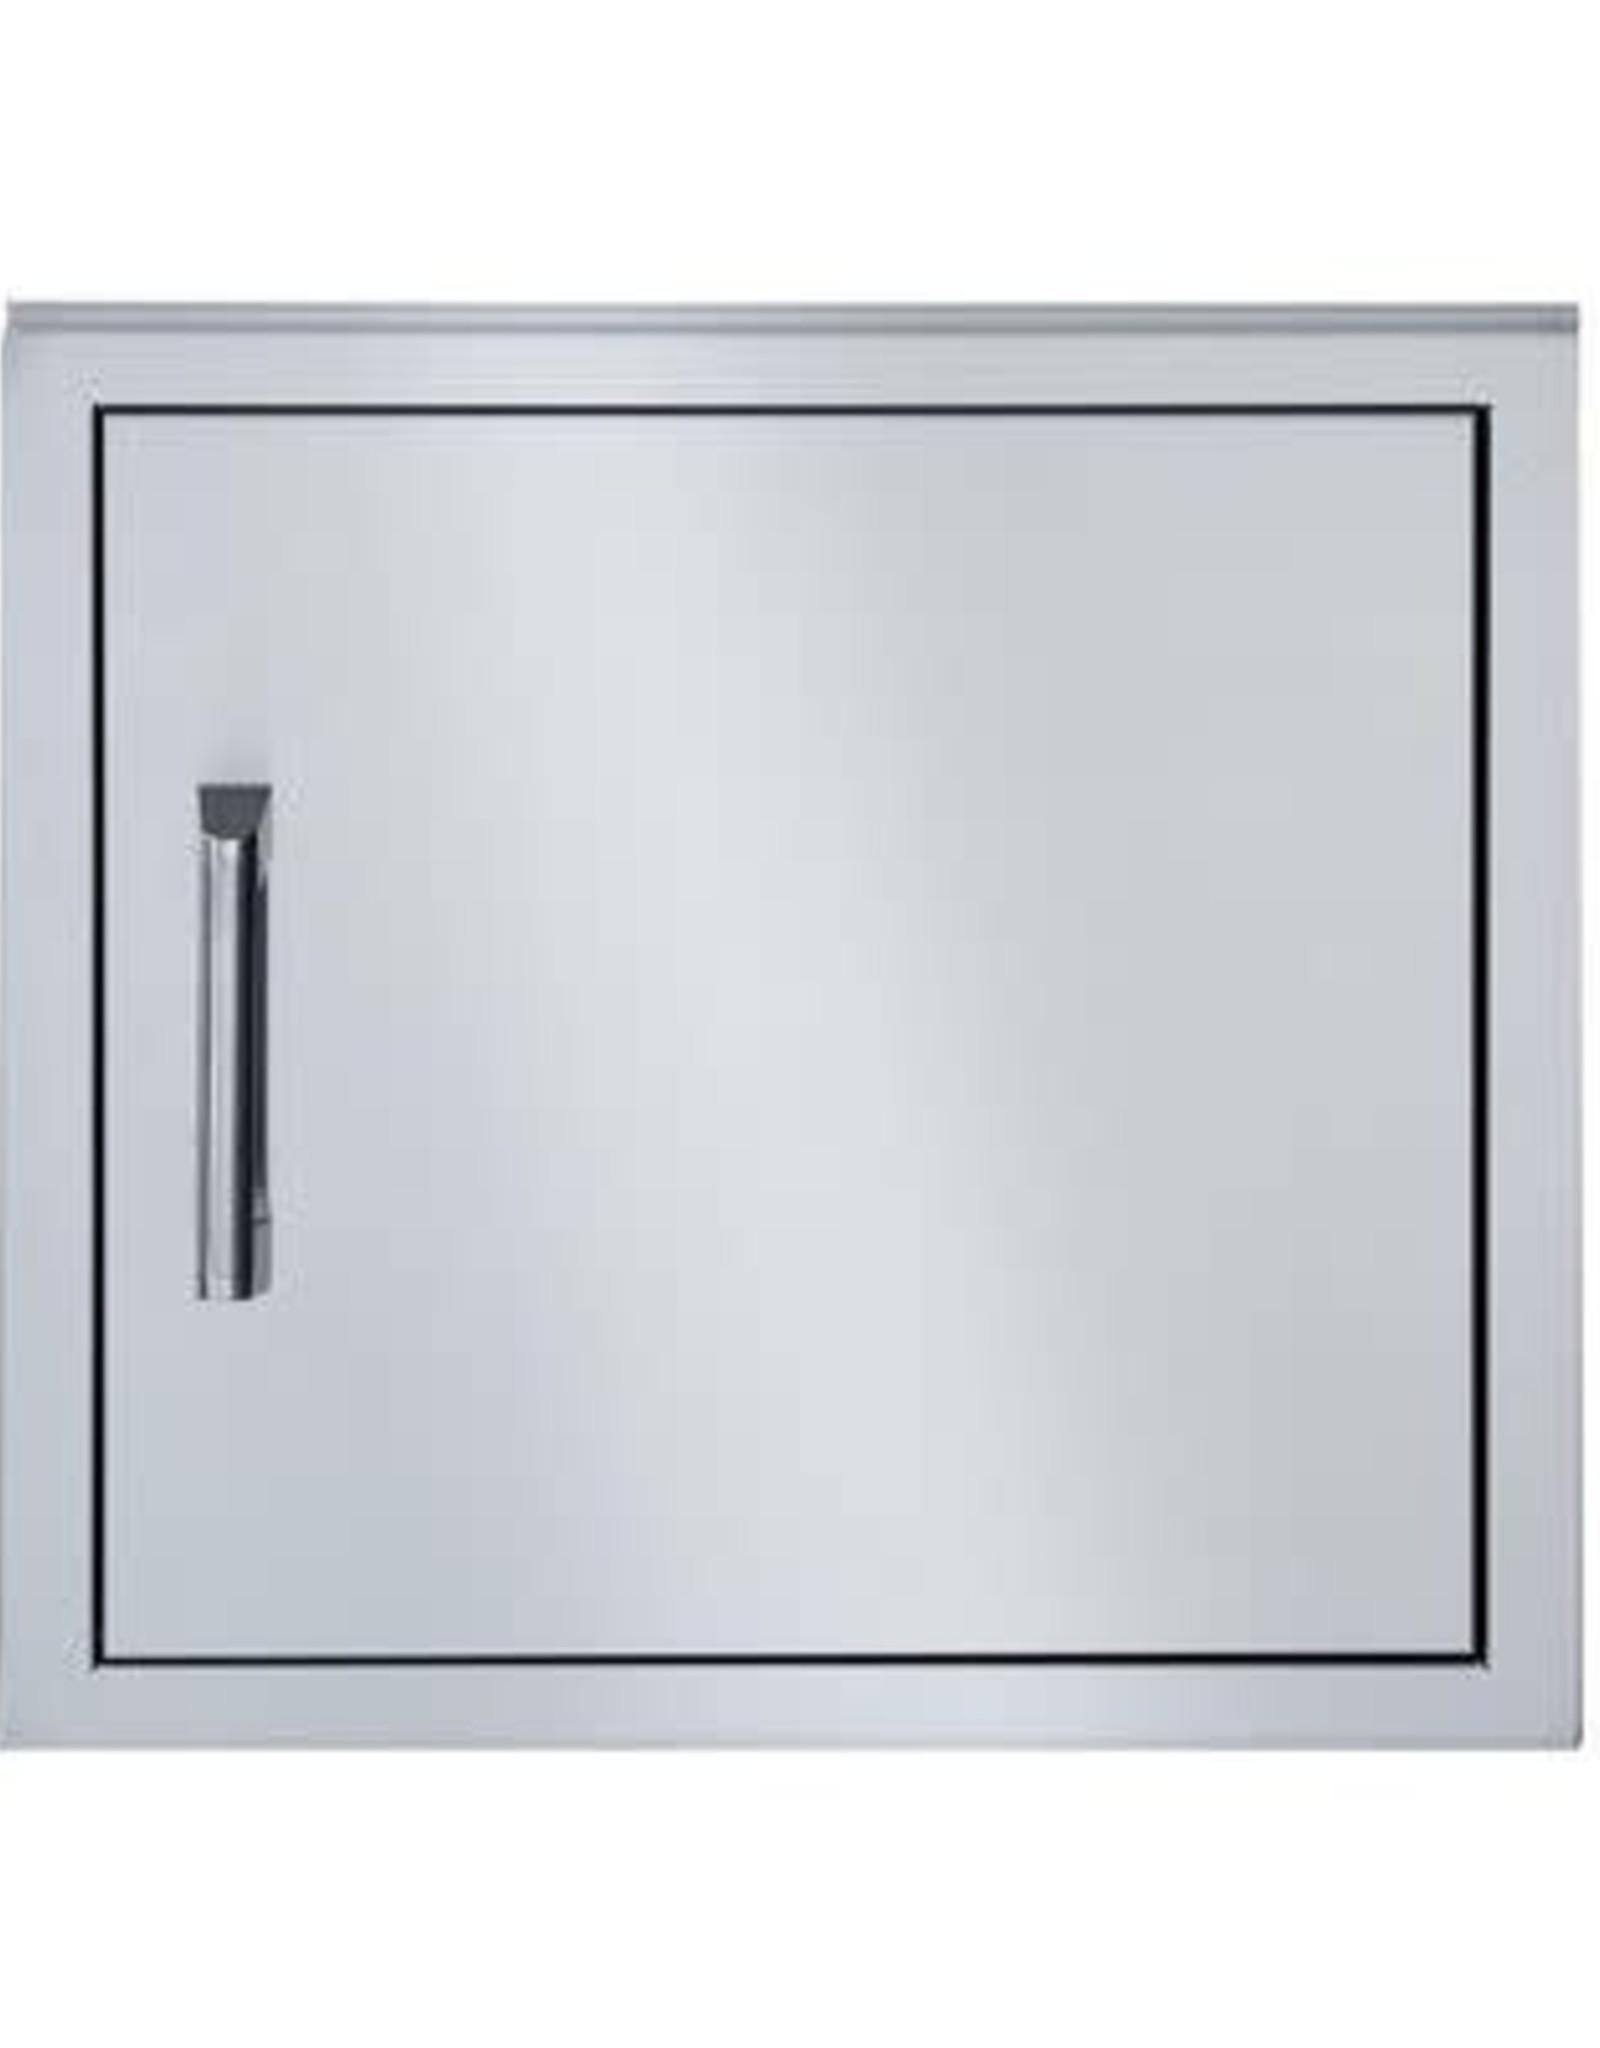 Broilmaster Broilmaster Single Door for Stainless Steel Gas Grills - BSAD2422